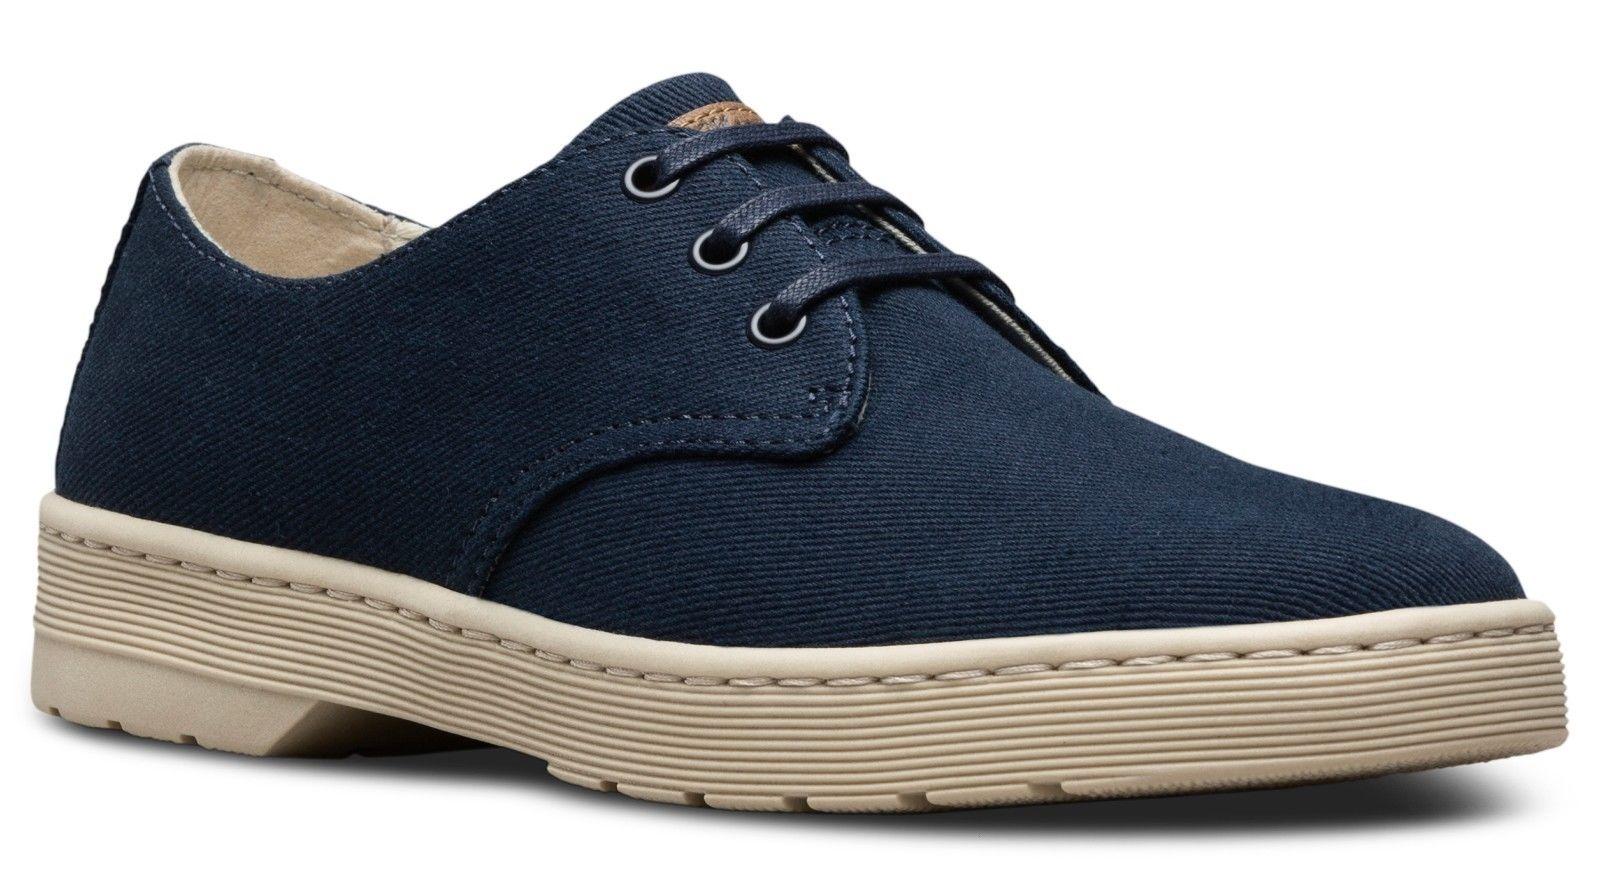 Dr Martens 23437417 Delray navy overdyed twill shoe Größes 6-13UK 6-13UK Größes 1b6466